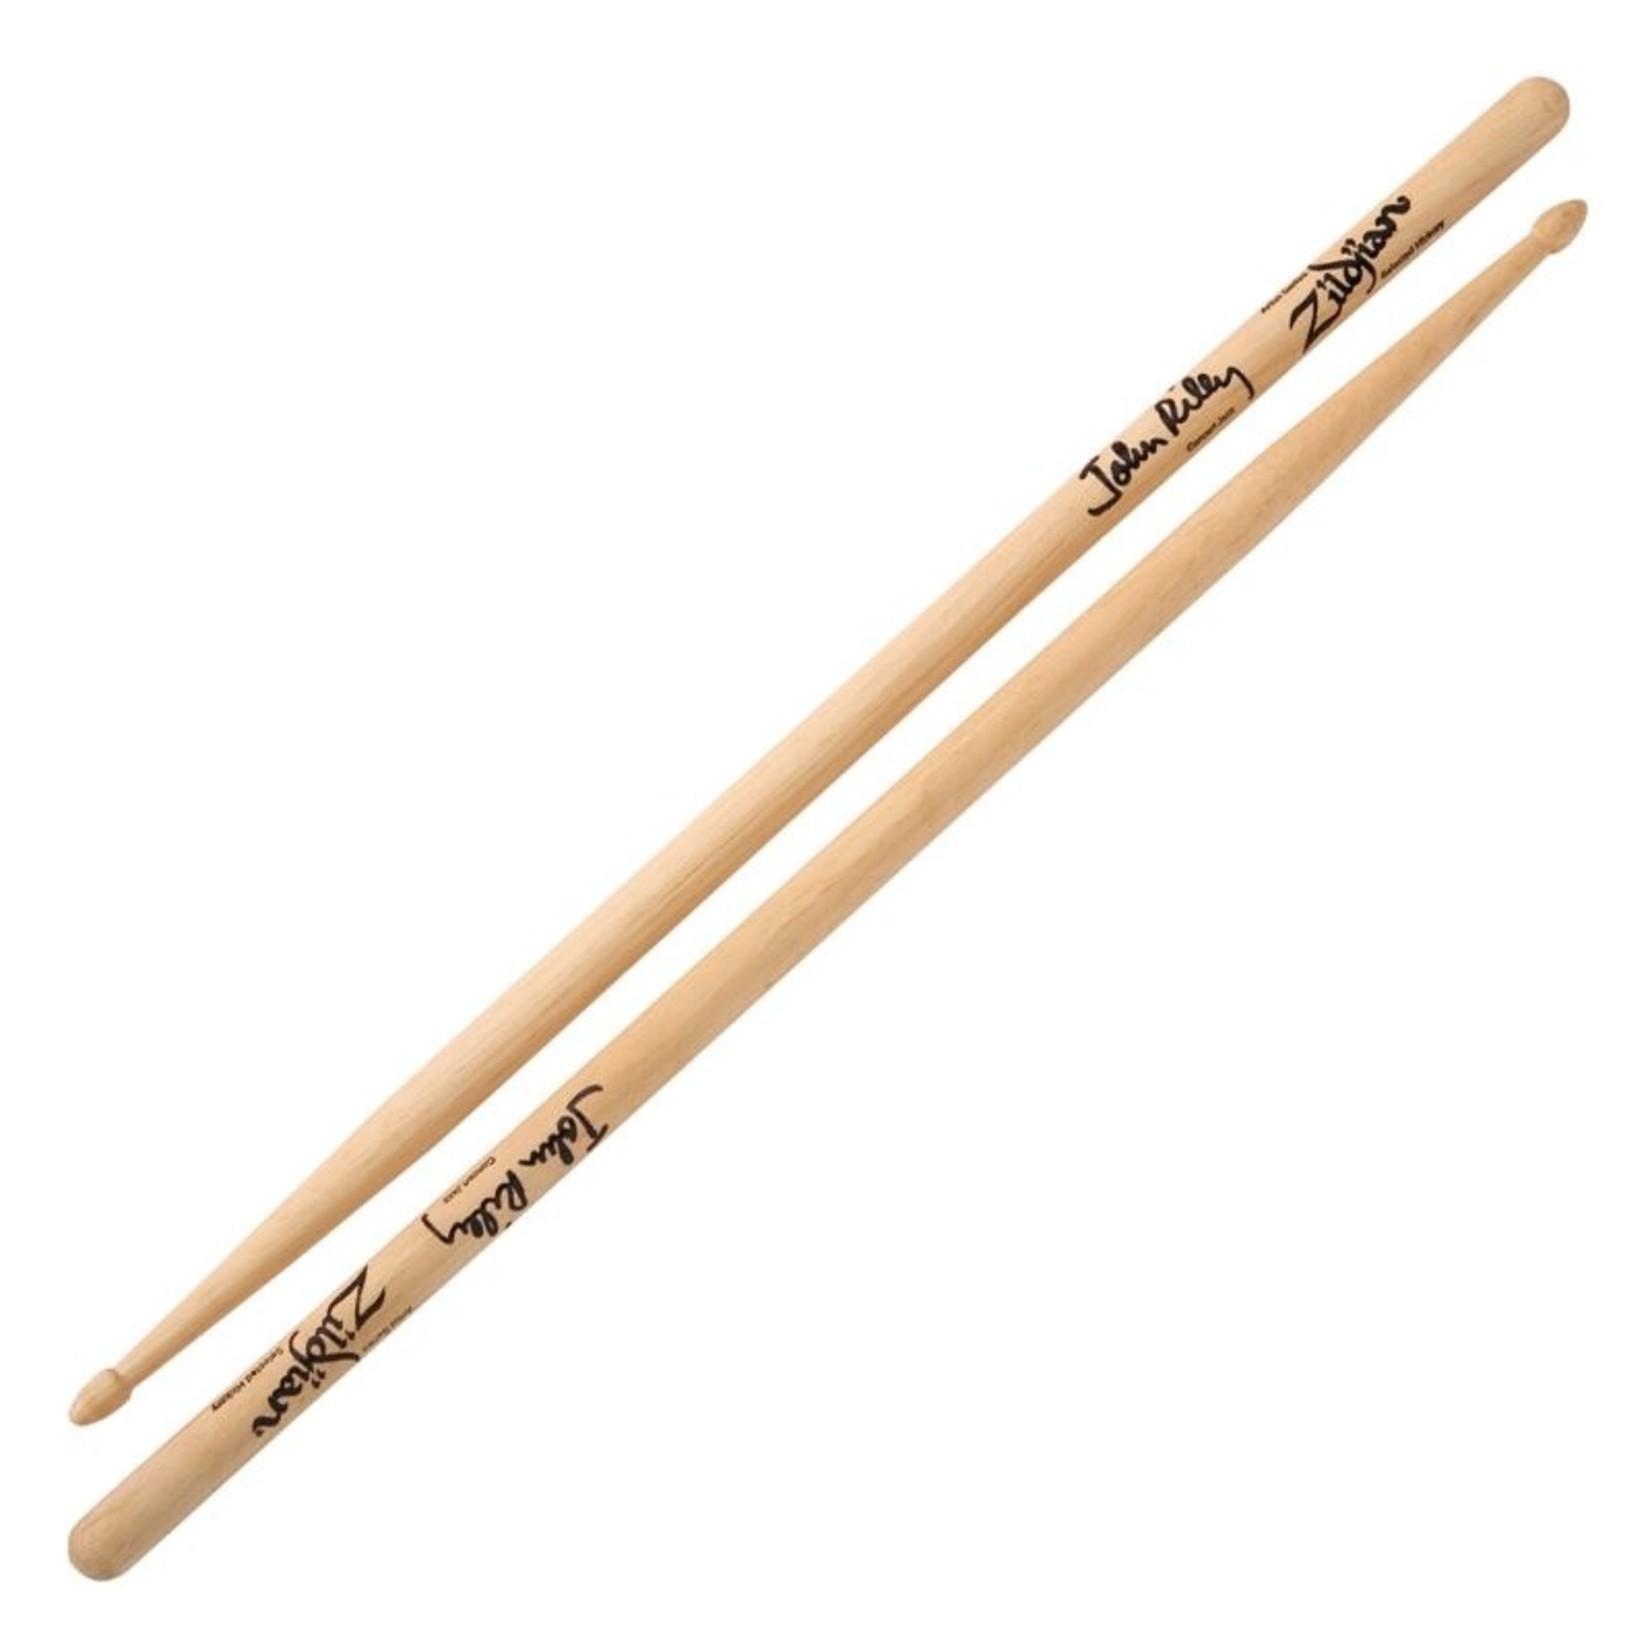 Zildjian Zildjian John Riley Artist Series Drumsticks